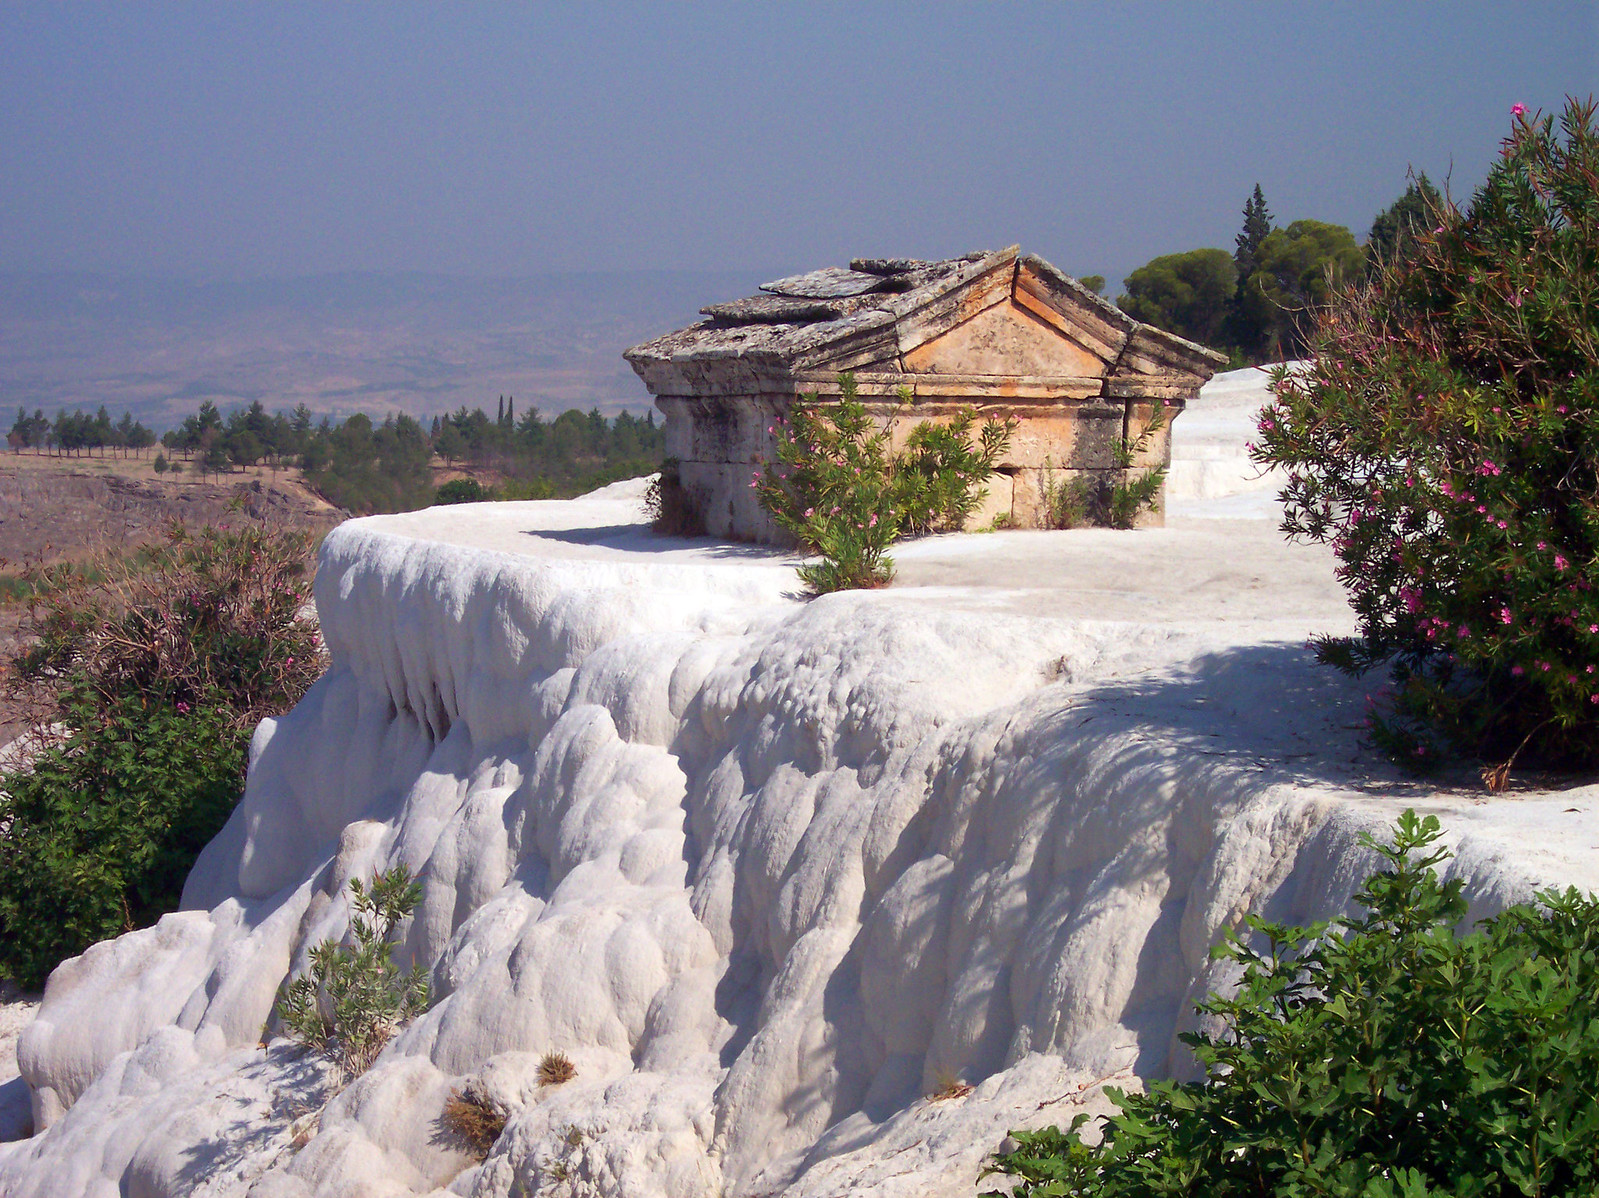 ¿ es seguro viajar a Turquía ? es seguro viajar a turquía - 45959172371 8bdf457a41 h - ¿ Es seguro viajar a Turquía ?